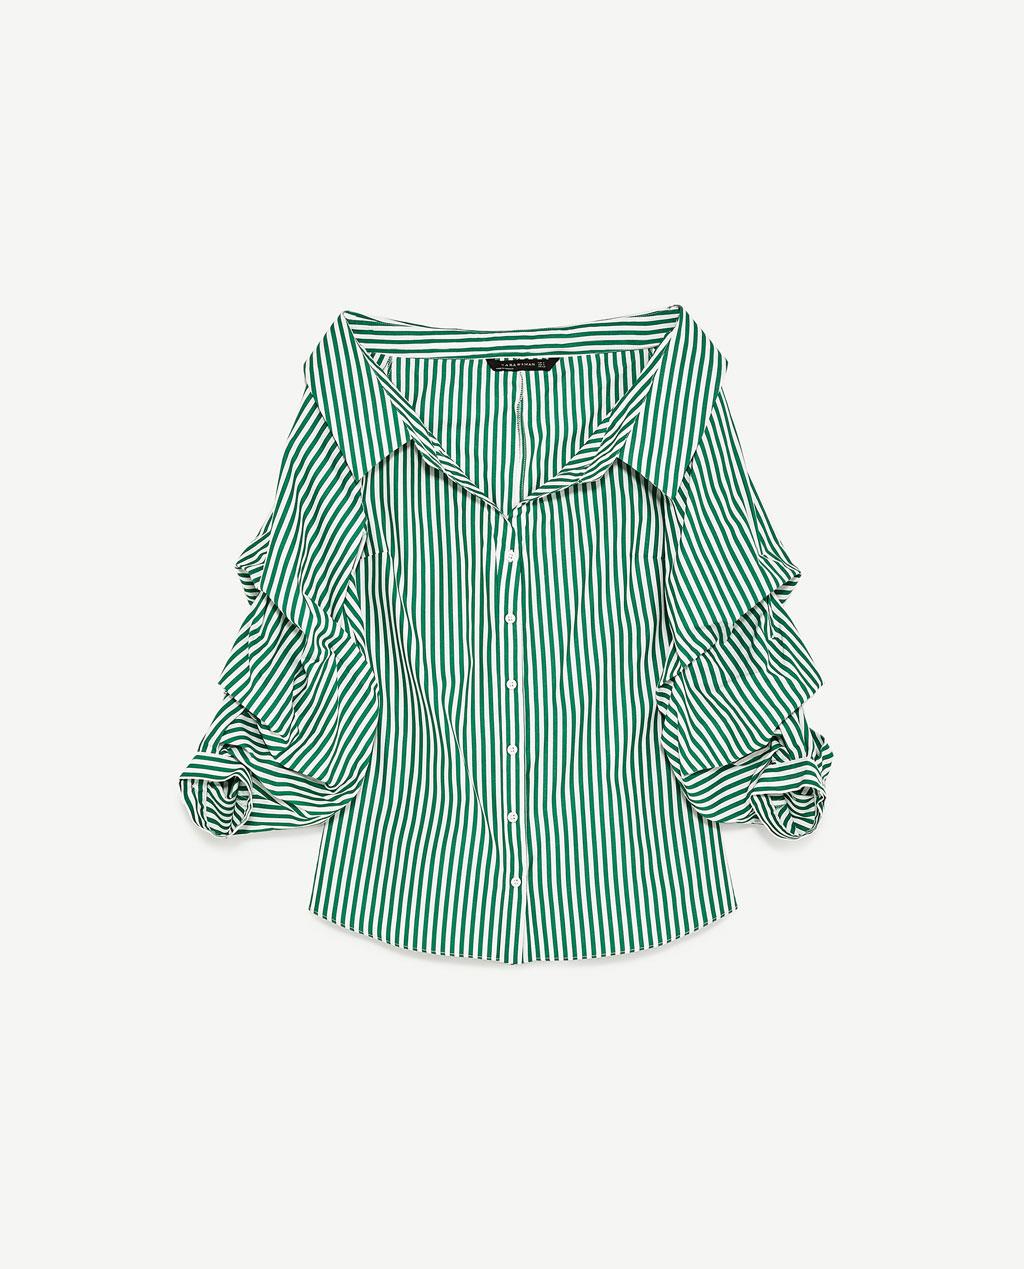 ZARA パフスリーブワイドオープンネックシャツ